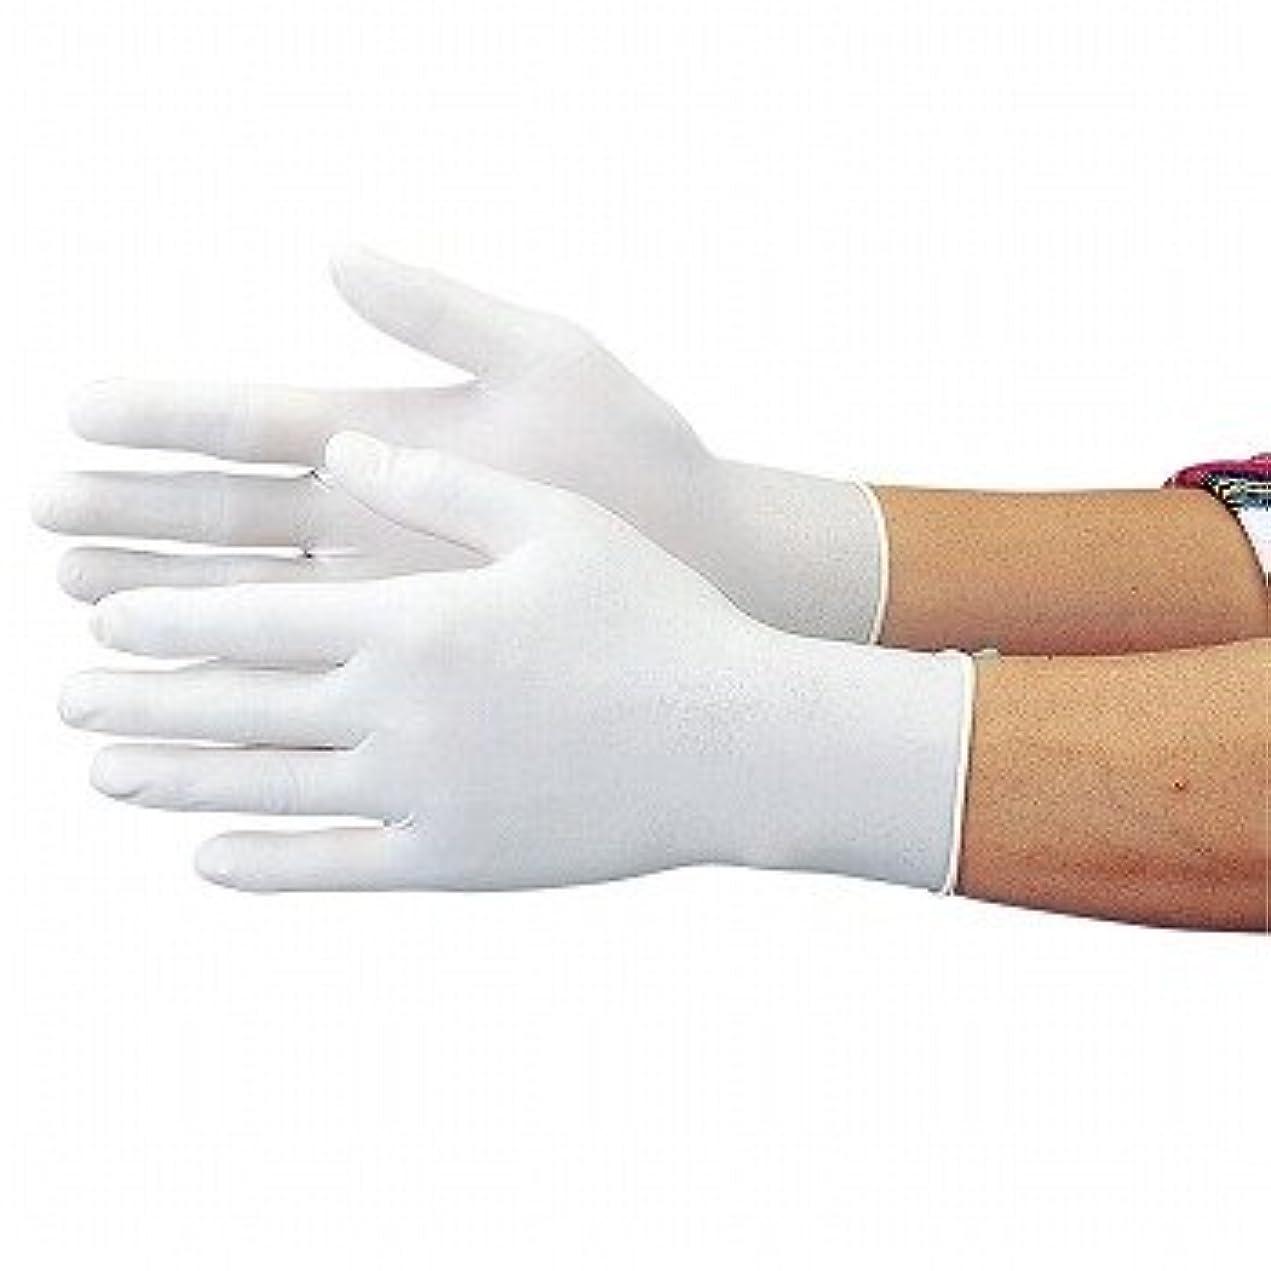 入口突撃動くおたふく手袋/使い捨て ゴム極ウス手袋 [100枚入]/品番:343 サイズ:M